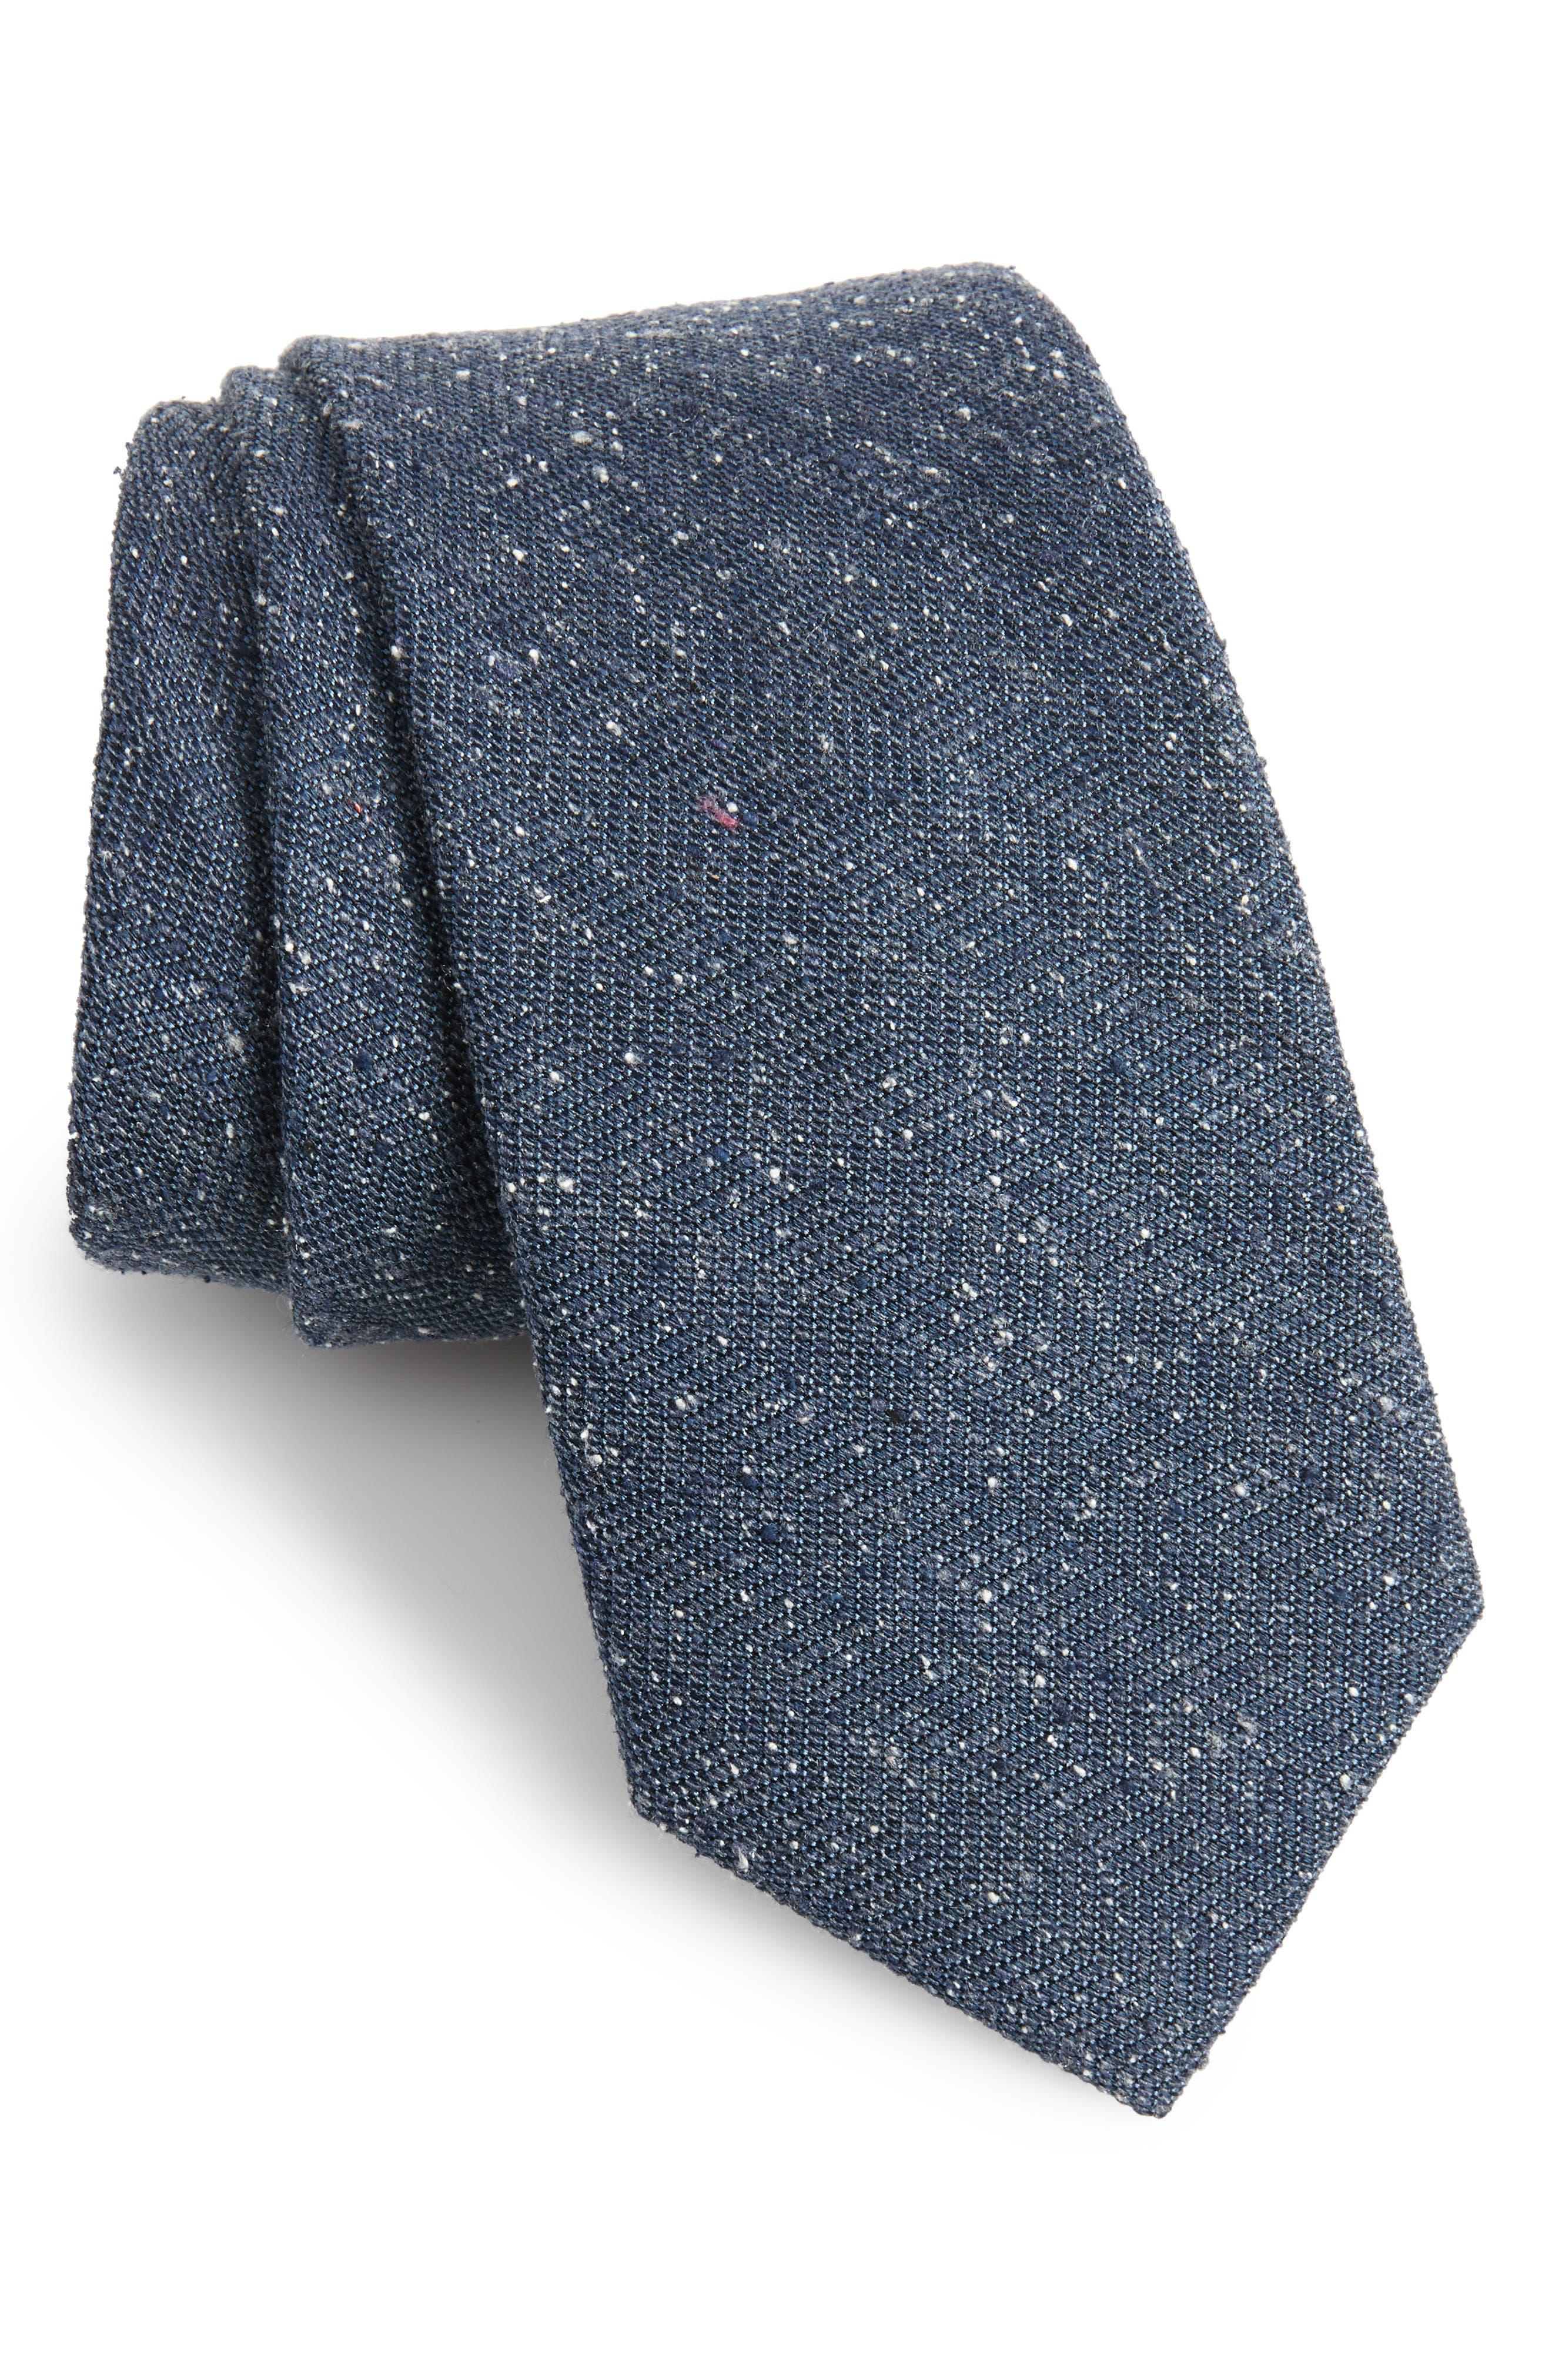 Herringbone Silk Tie,                         Main,                         color, Navy